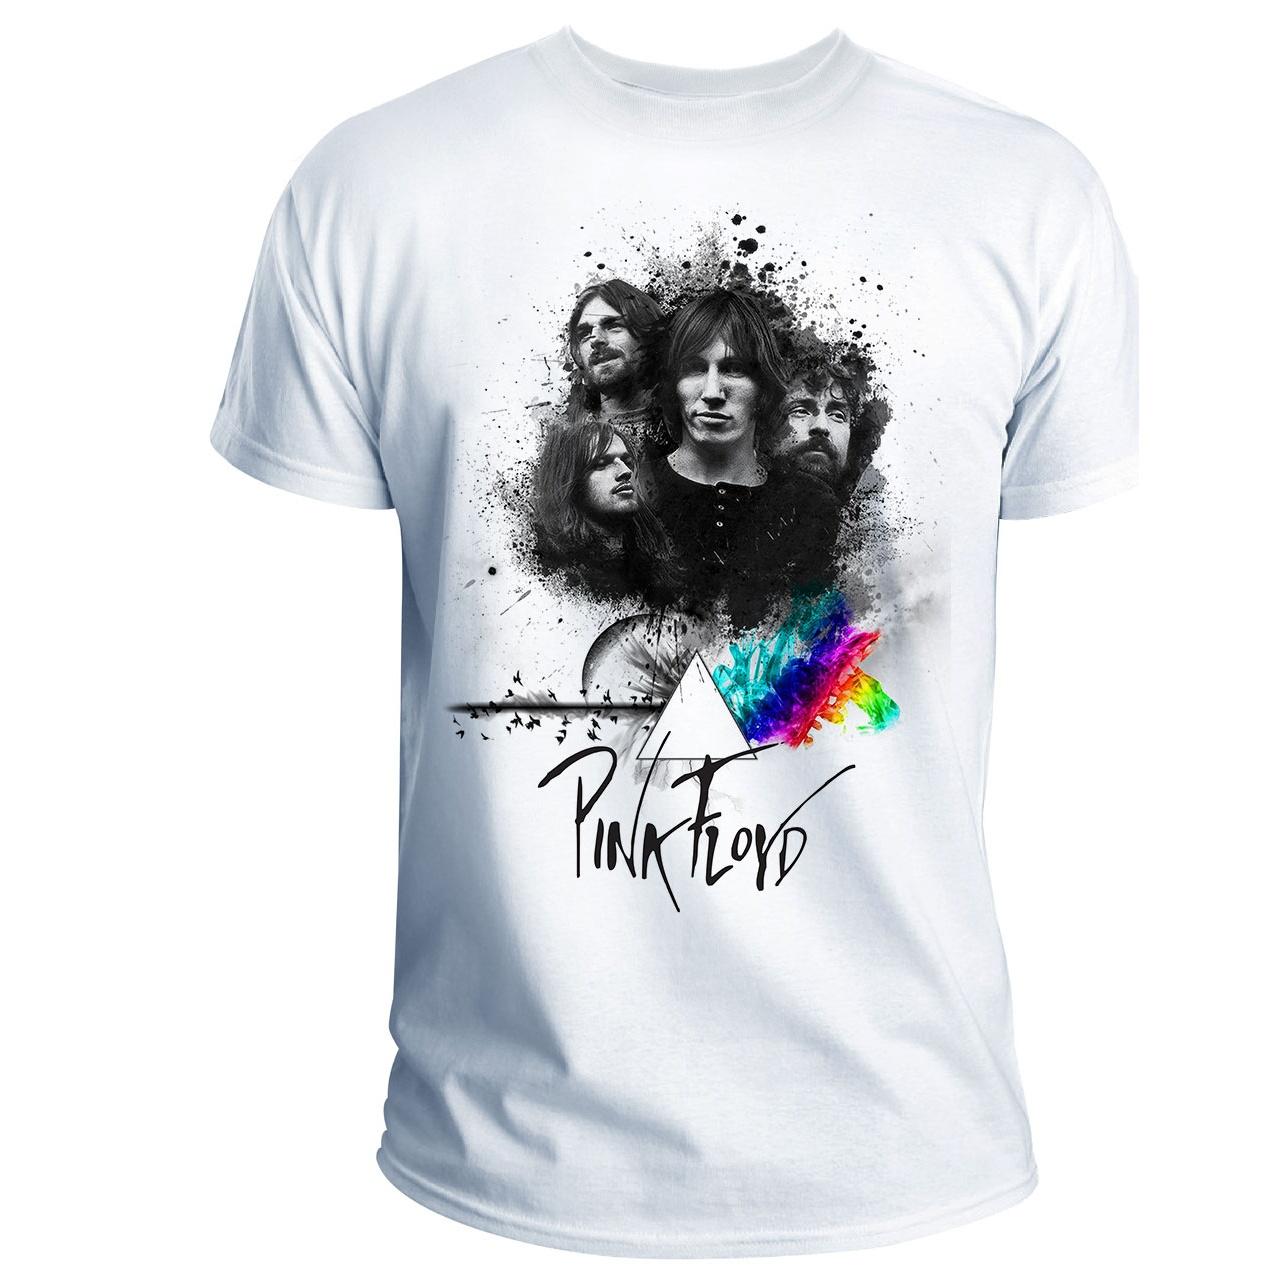 تی شرت انارچاپ طرح پینک فلوید مدل T06003